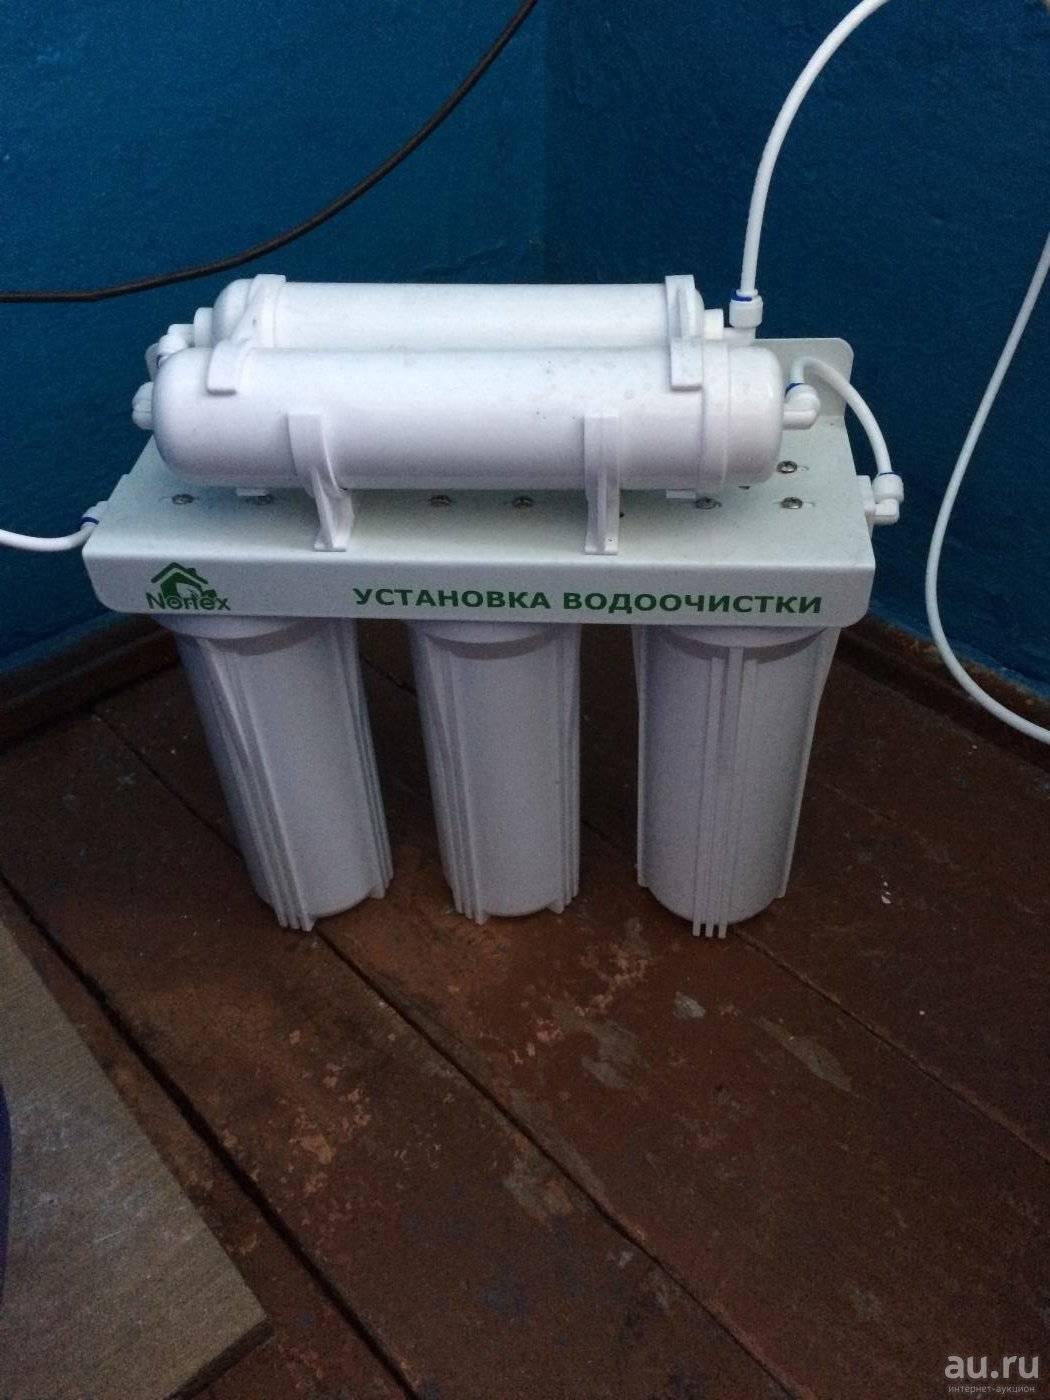 Очистная система для воды нортекс стандарт: цена и отзывы.